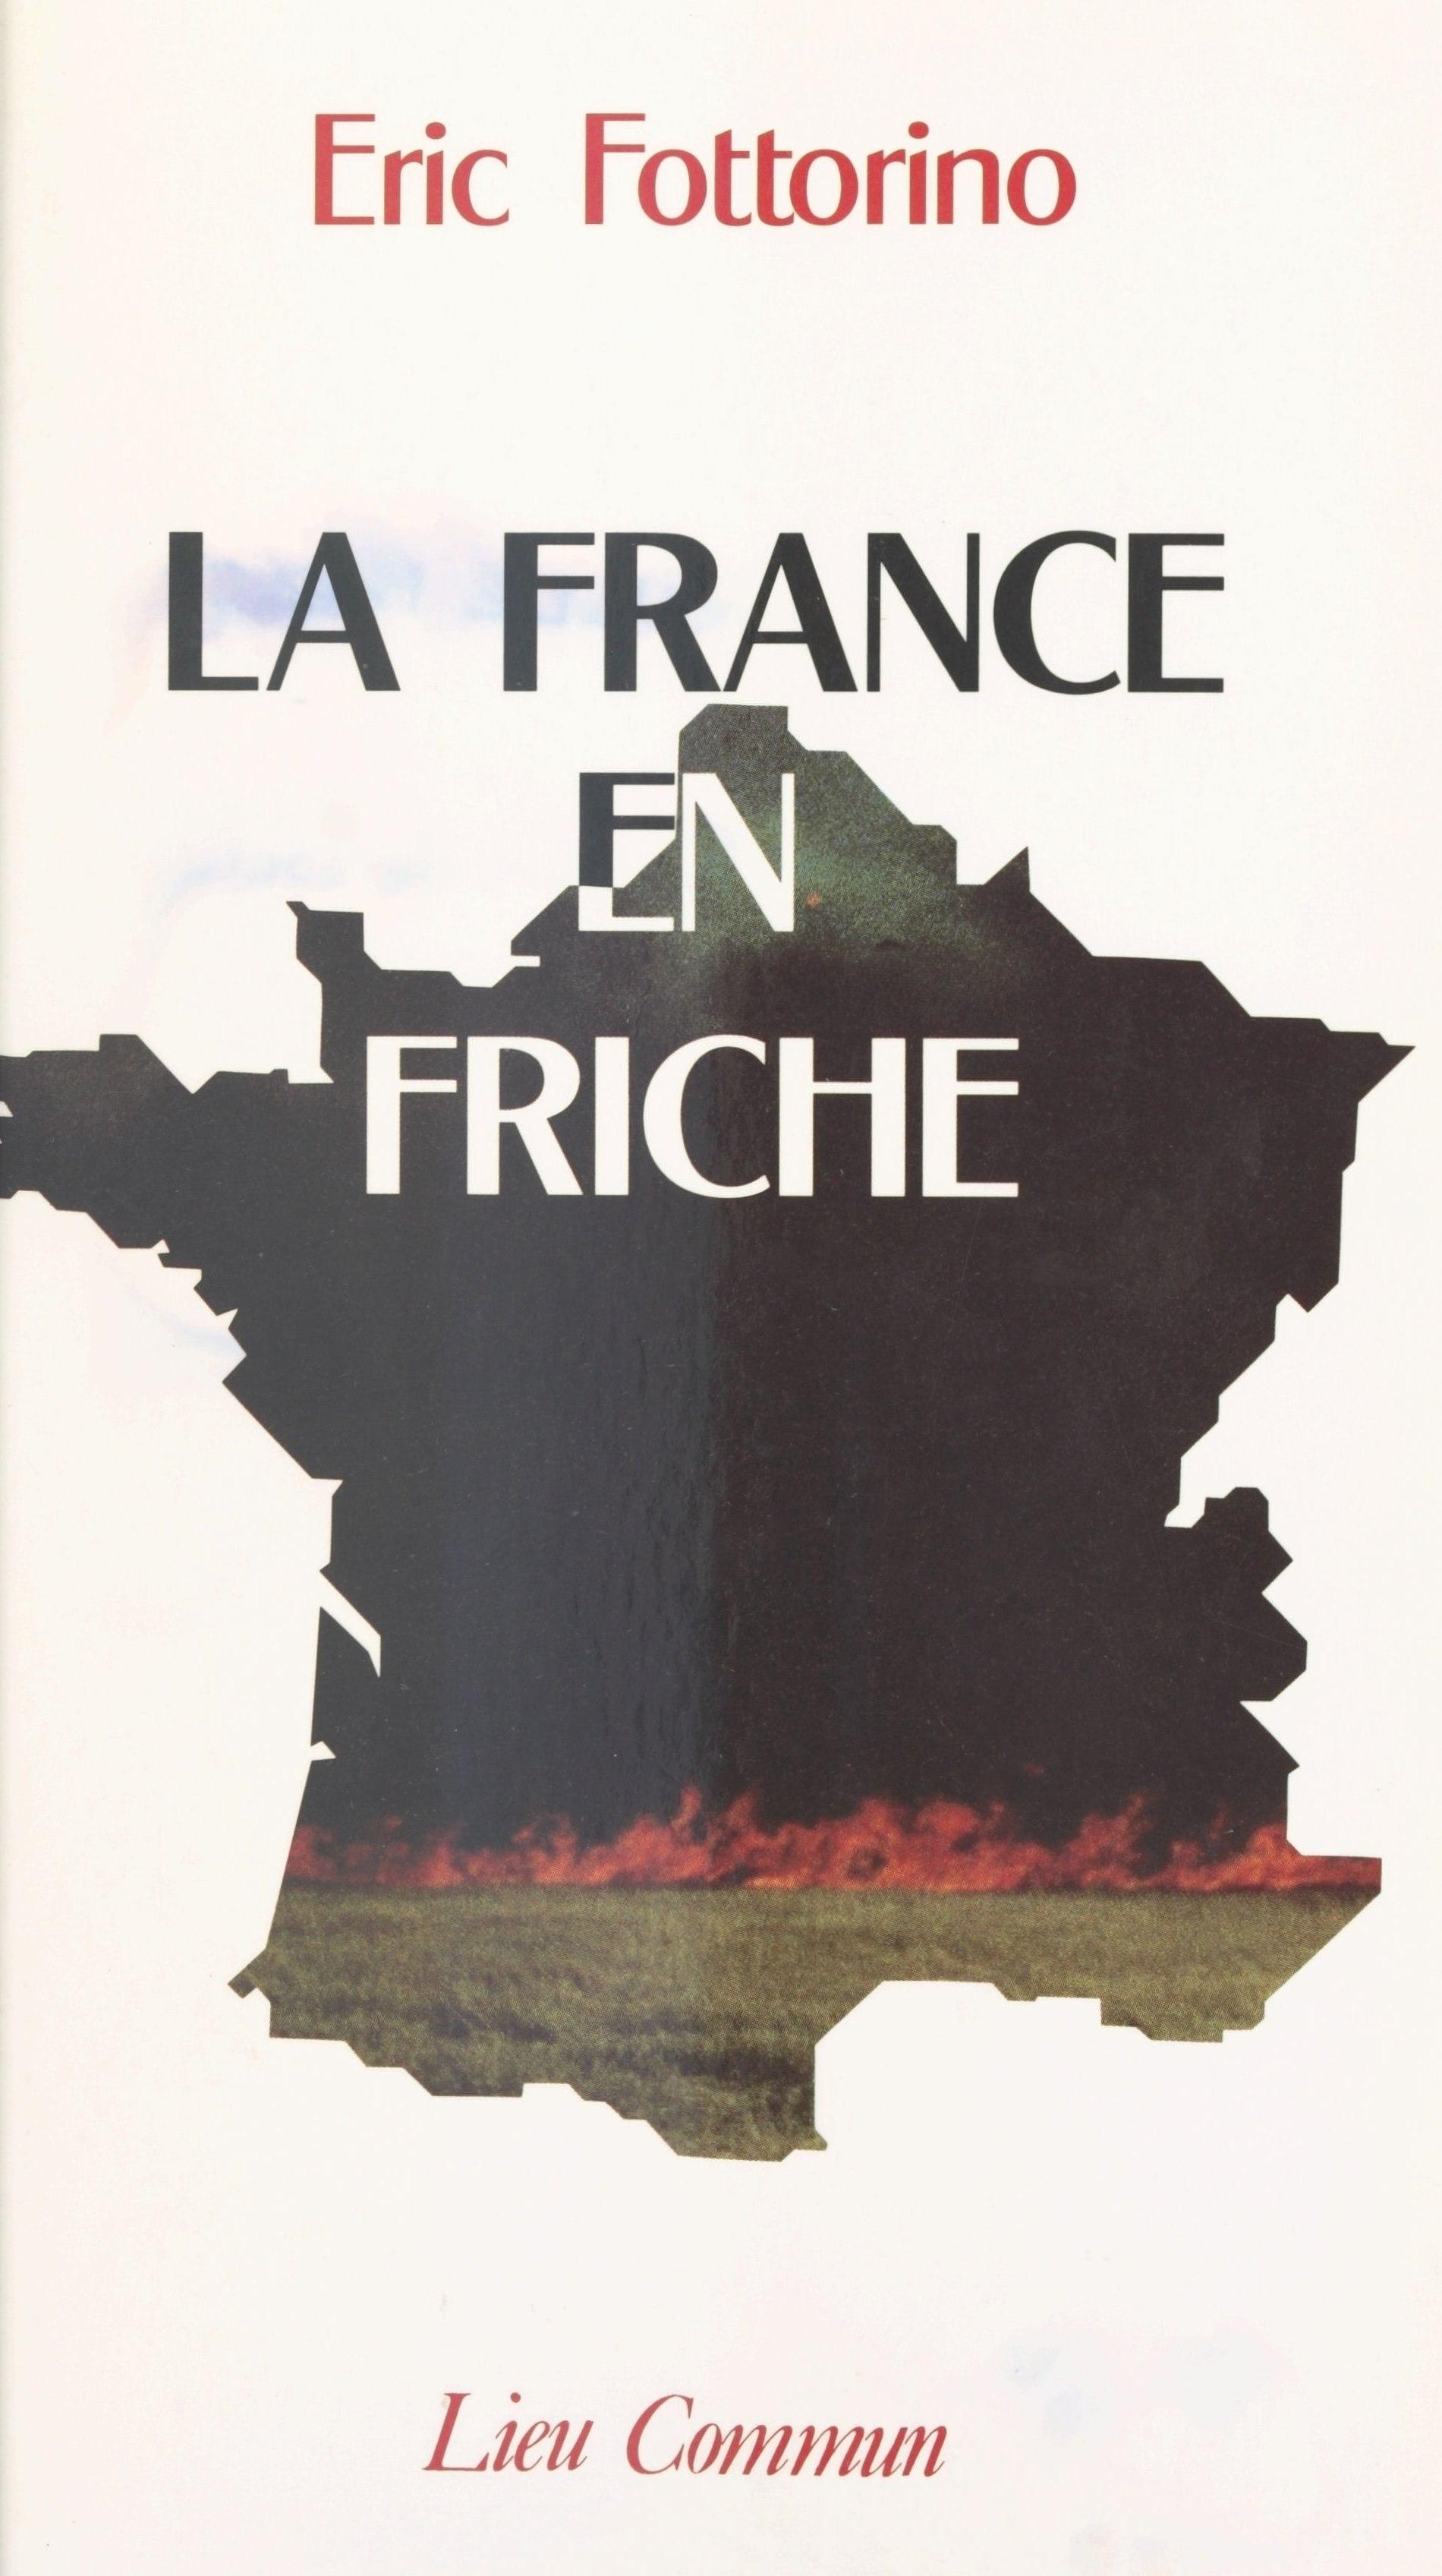 La France en friche